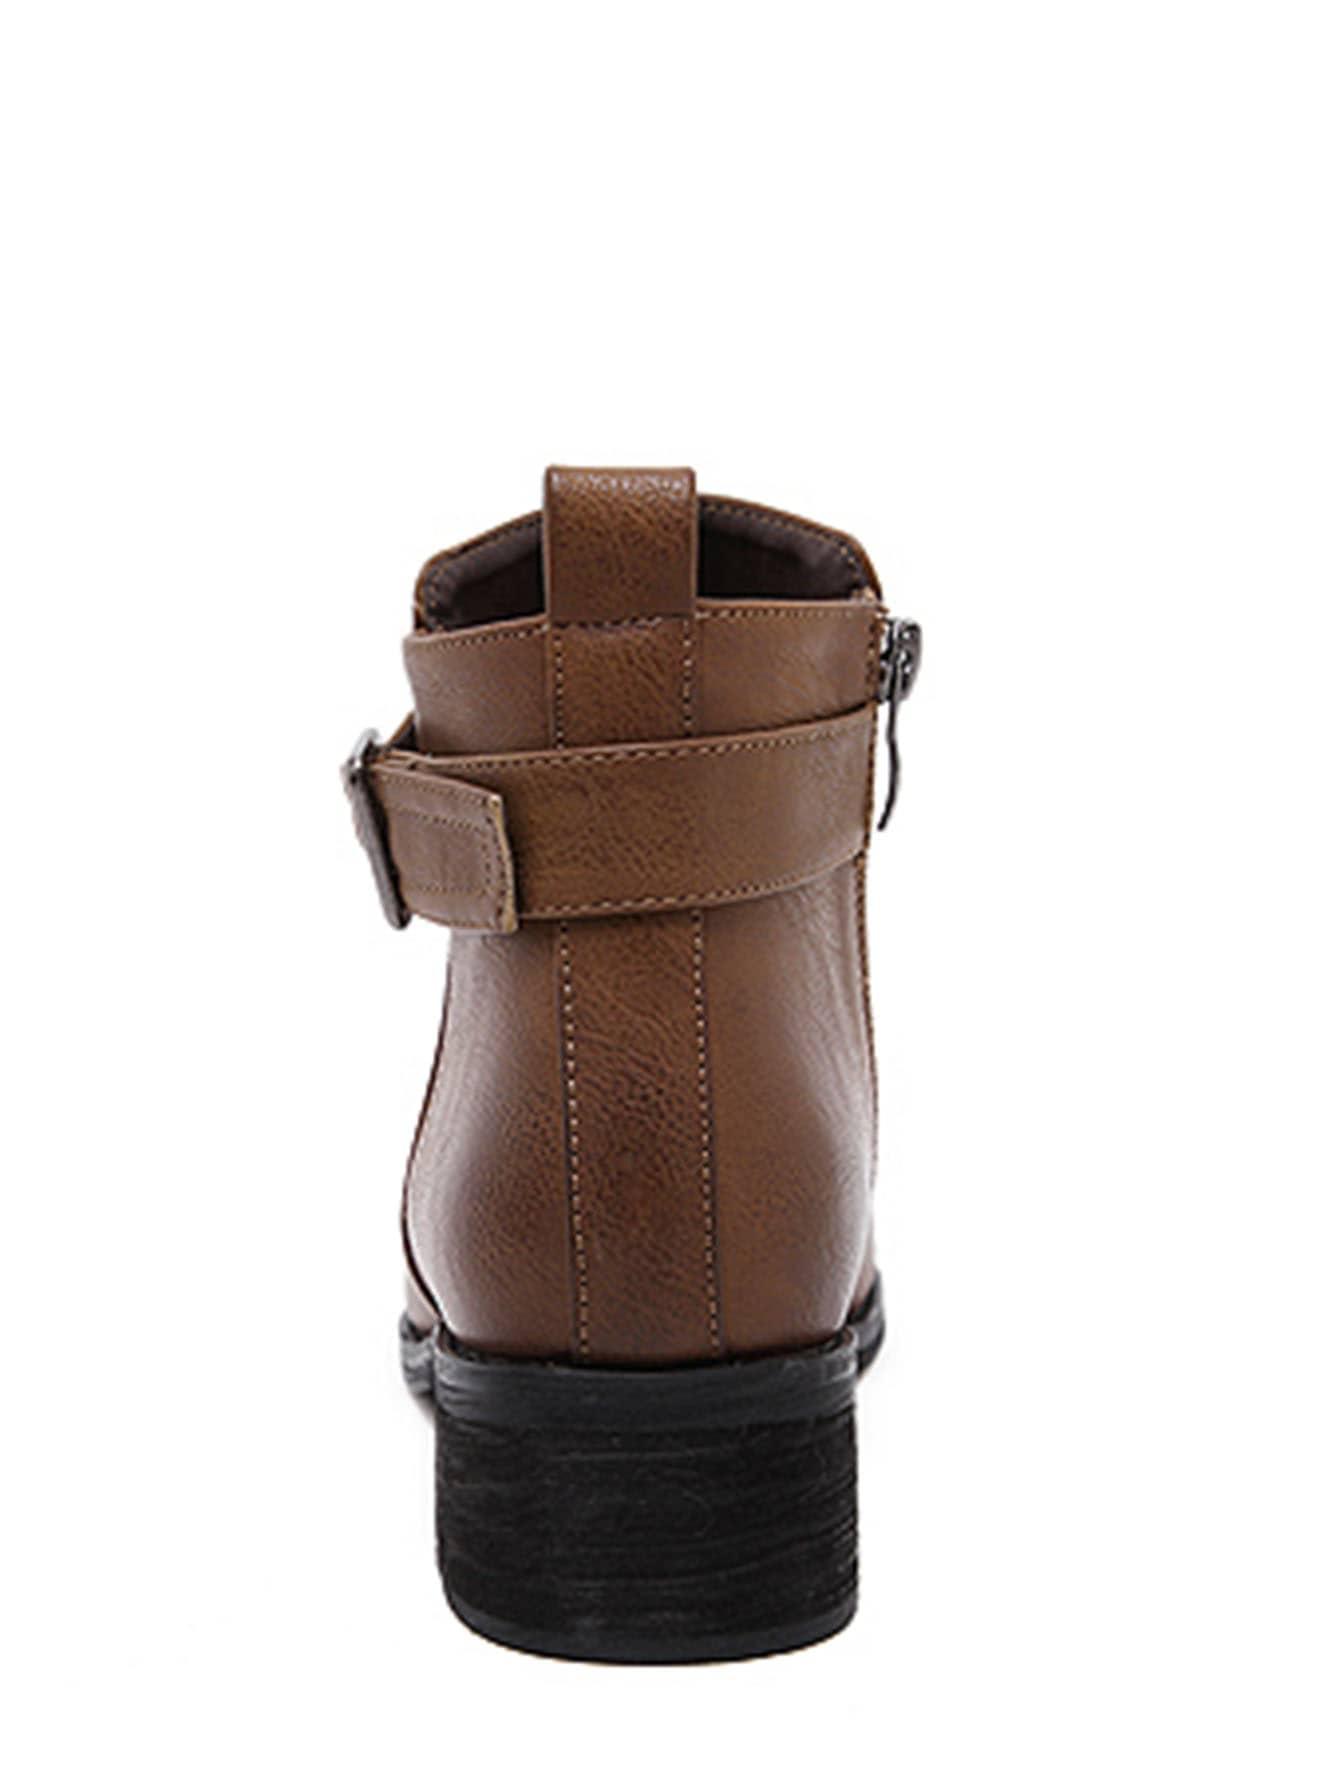 shoes161027810_2